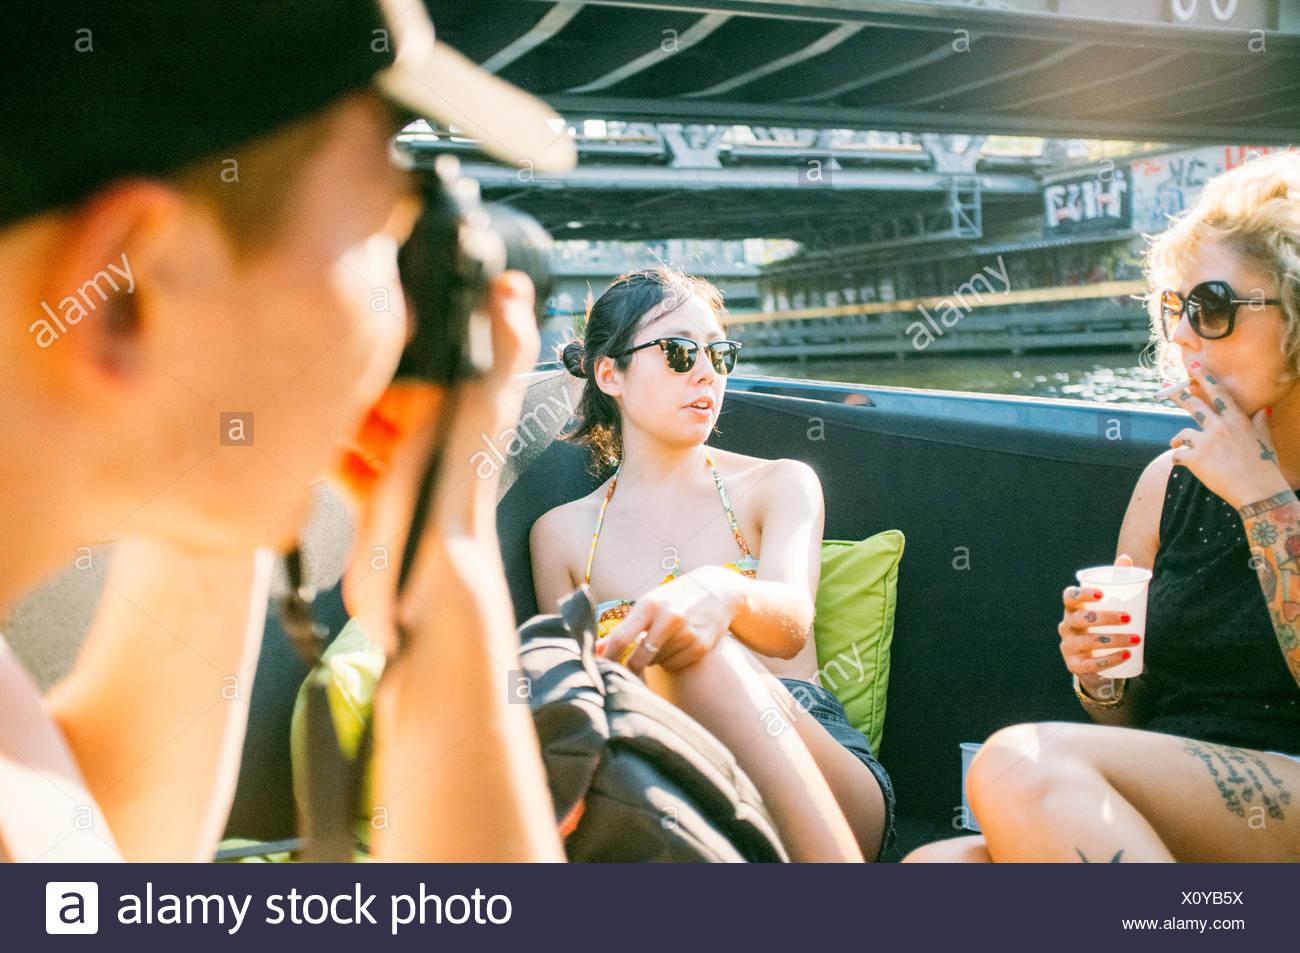 Mann fotografiert Frauen beim stillstehen auf Boot Stockbild